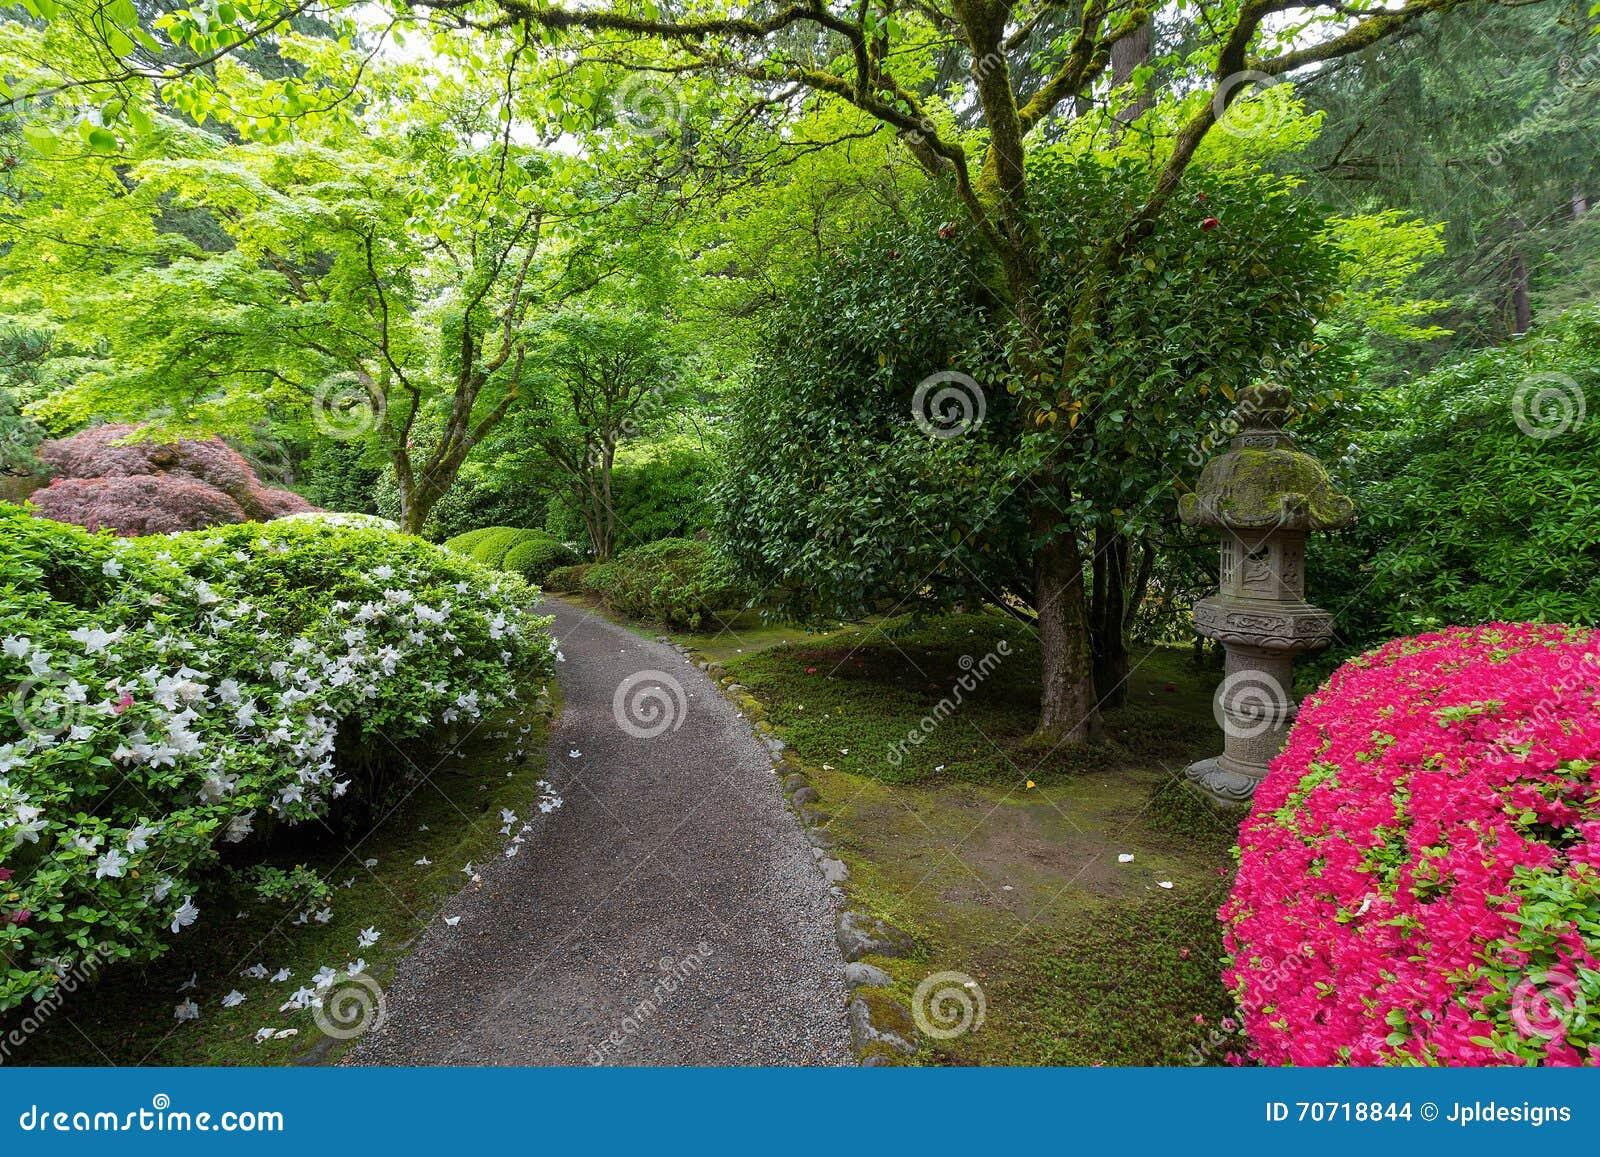 Chemin De Jardin Avec La Lanterne Et Les Azalees En Pierre